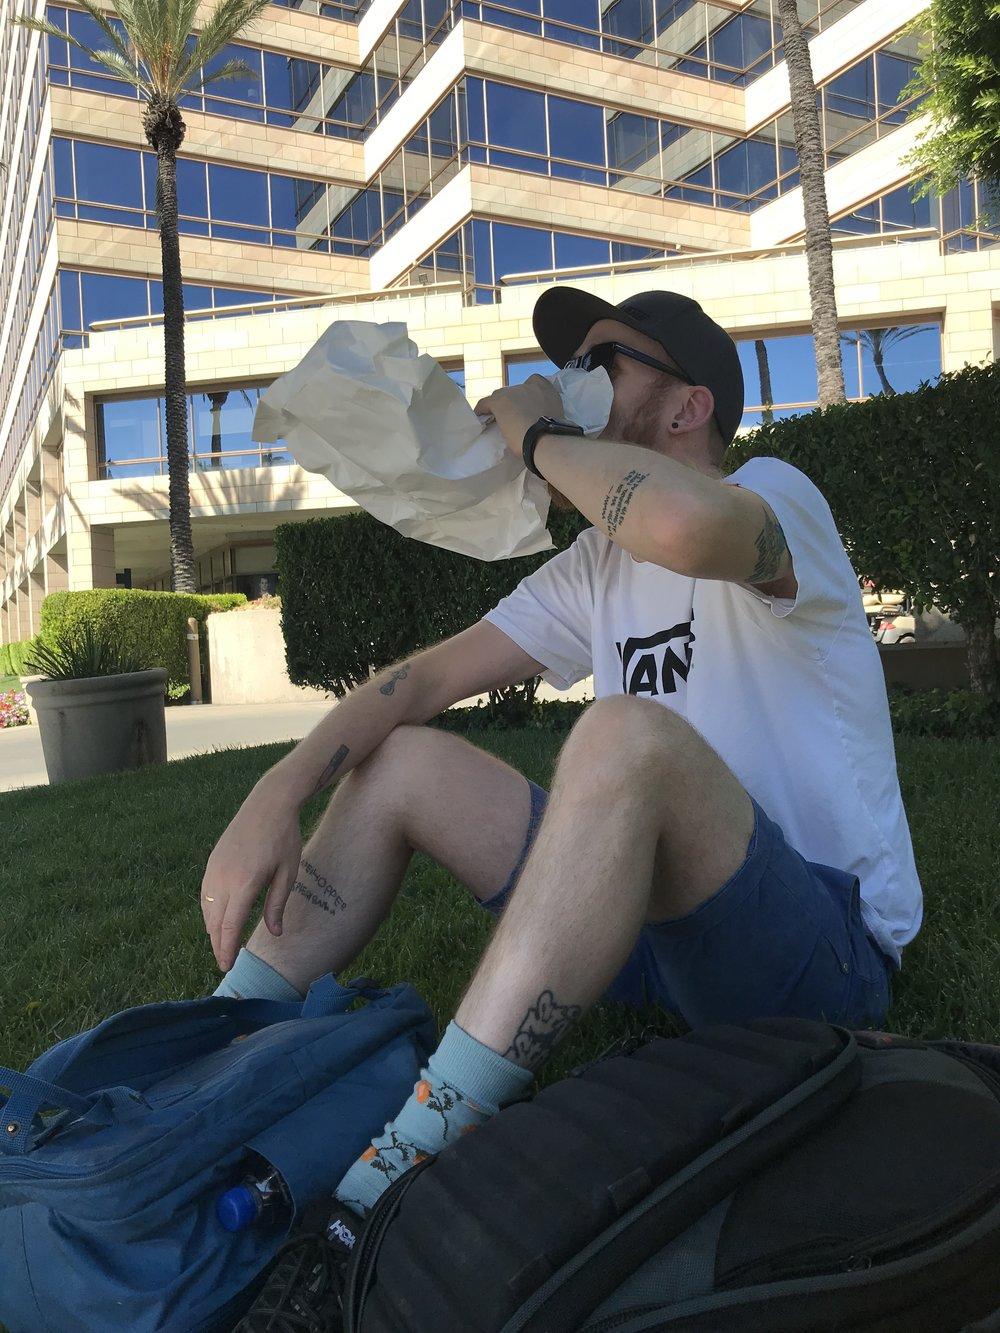 Øl i papirpose, mens vi ventet på Über.